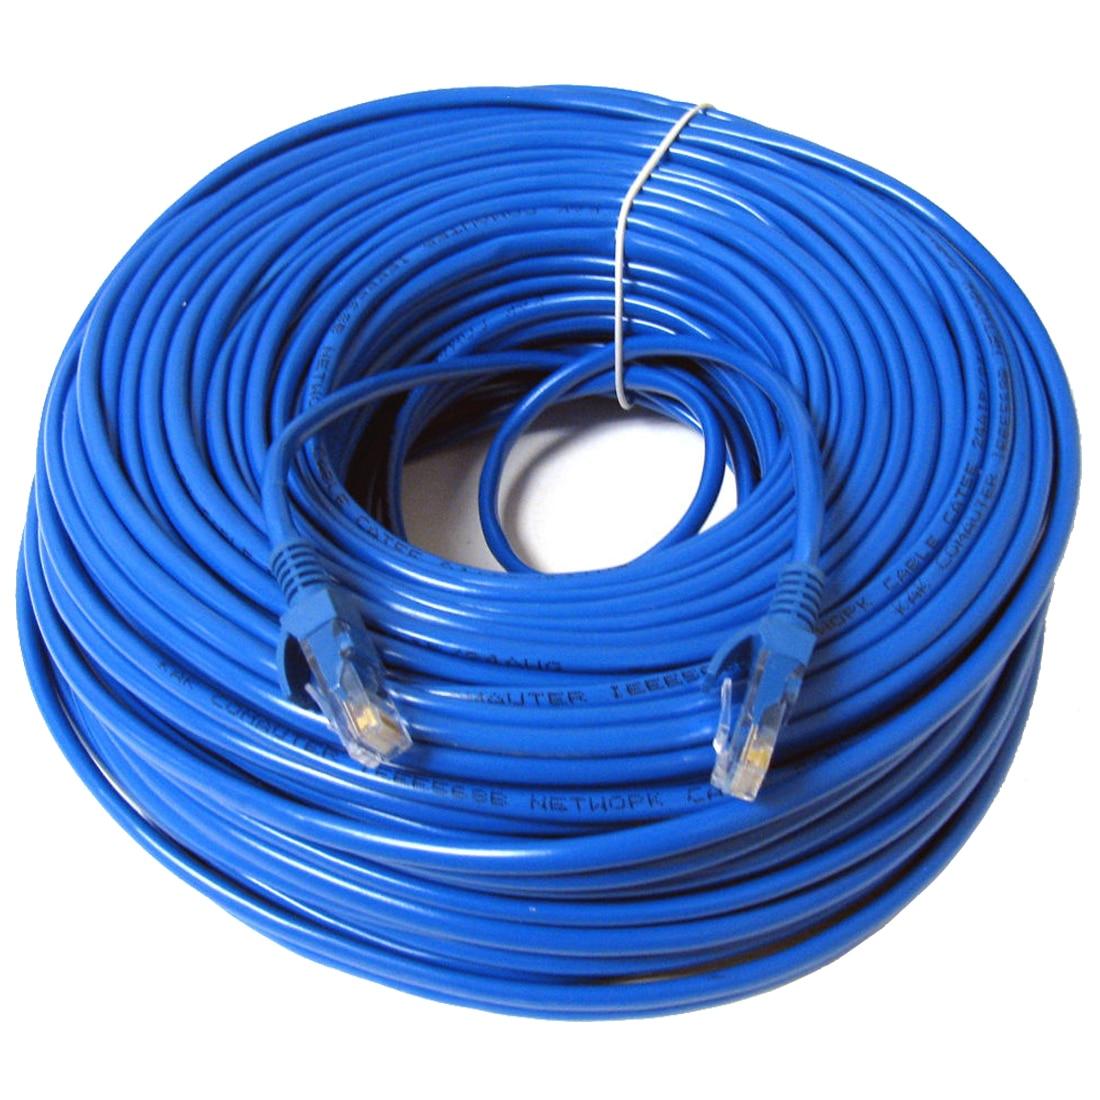 RJ45 Ethernet Cat5 Network Cable LAN Patch Lead, 30m Blue 1pcsRJ45 Ethernet Cat5 Network Cable LAN Patch Lead, 30m Blue 1pcs